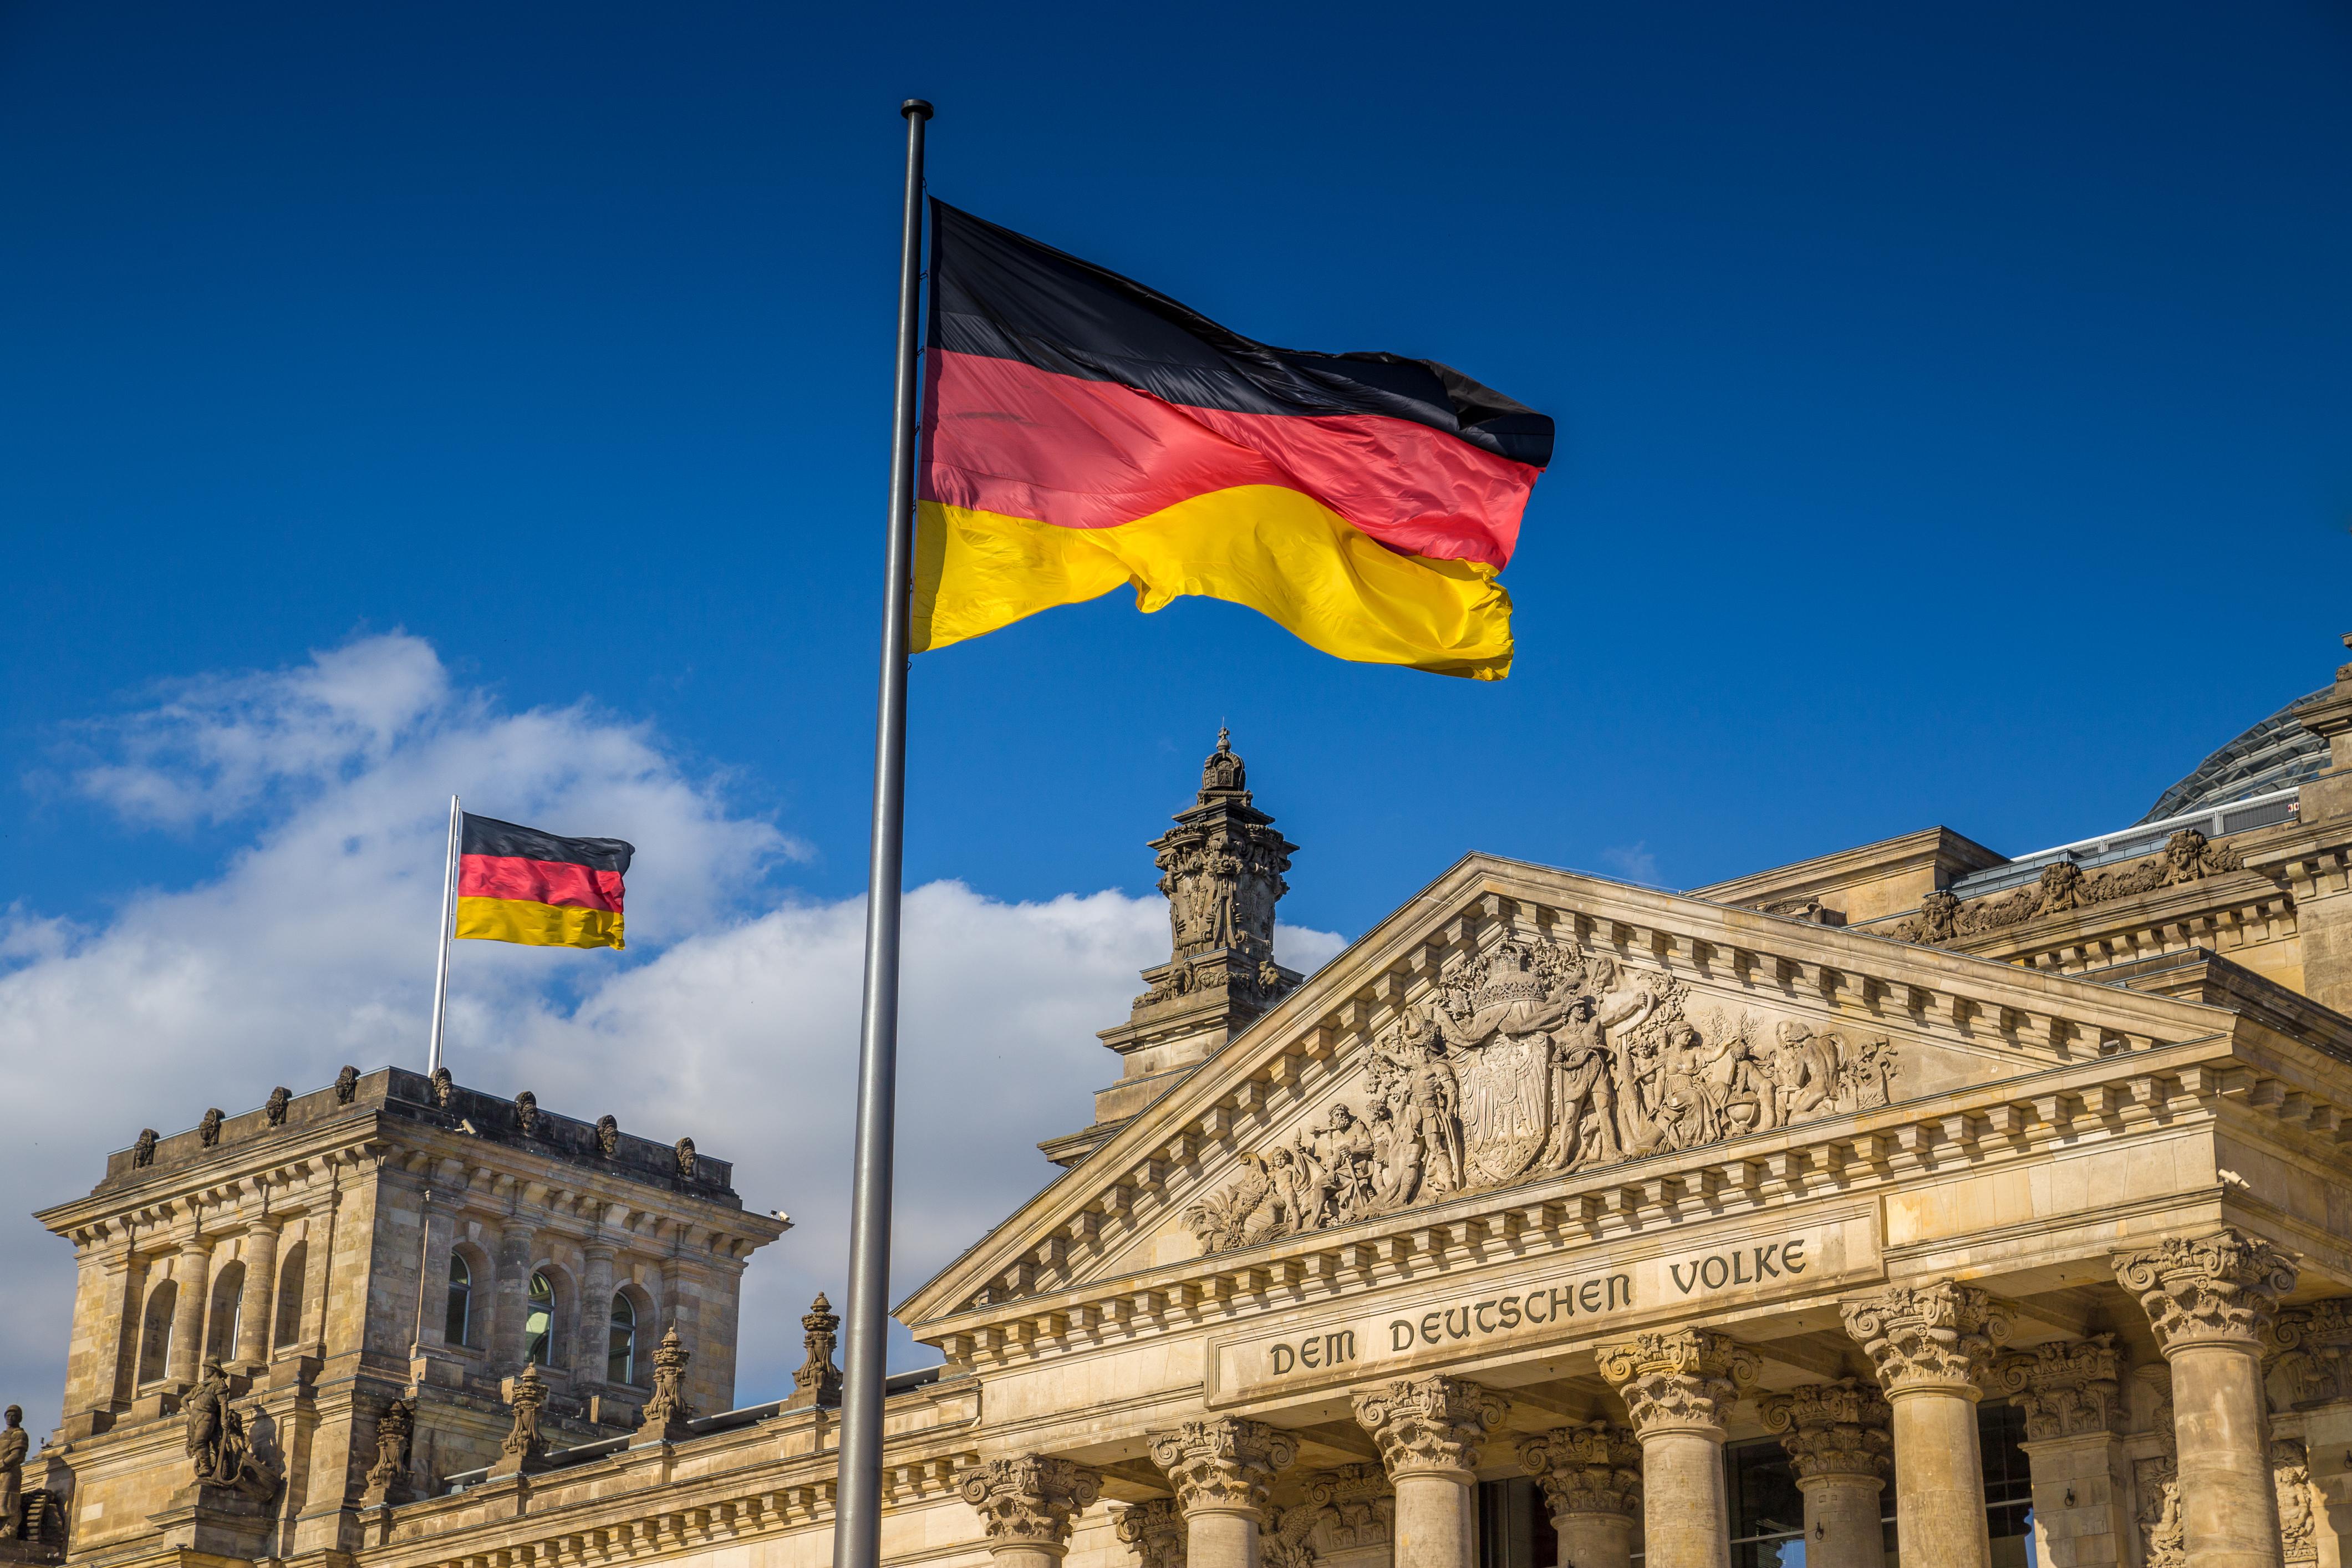 Germania: Unul din patru locuitori provine din imigraţie, un nou record. Romanii, a cincea cea mai numeroasa minoritate